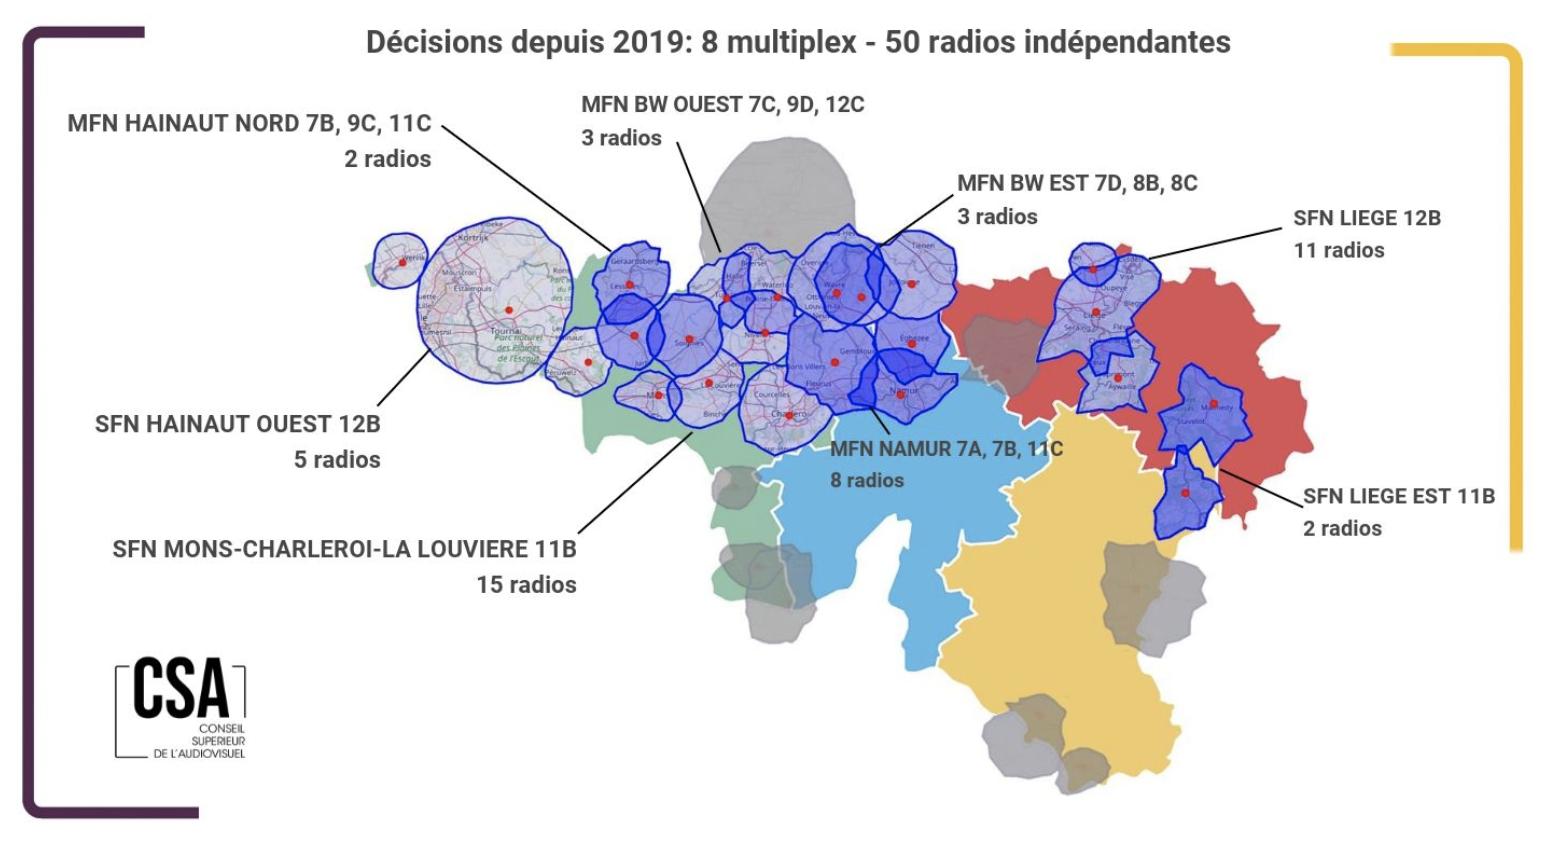 Depuis 2018, 50 radios indépendantes motorisées par 8 multplkex © CSA Belgique